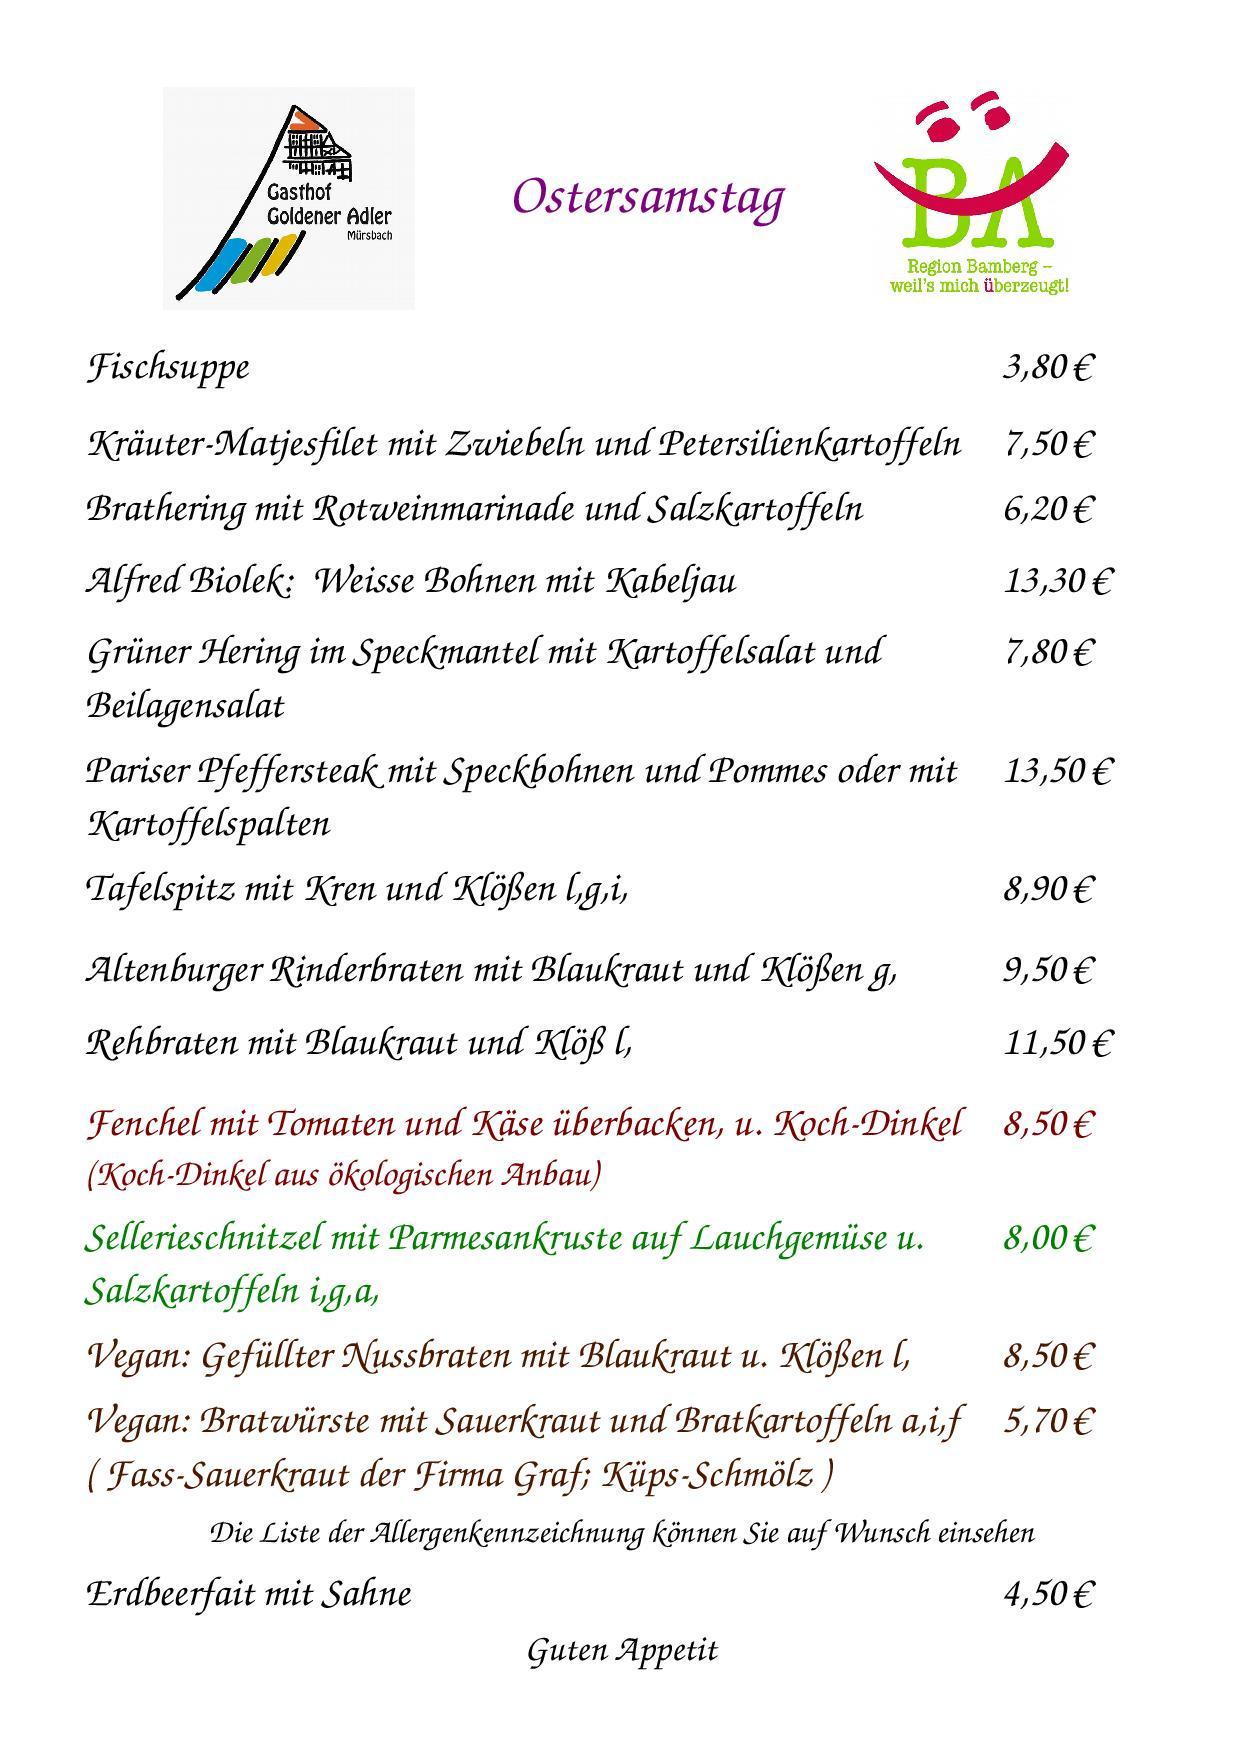 Speisekarte für Ostersamstag 31.3.2018